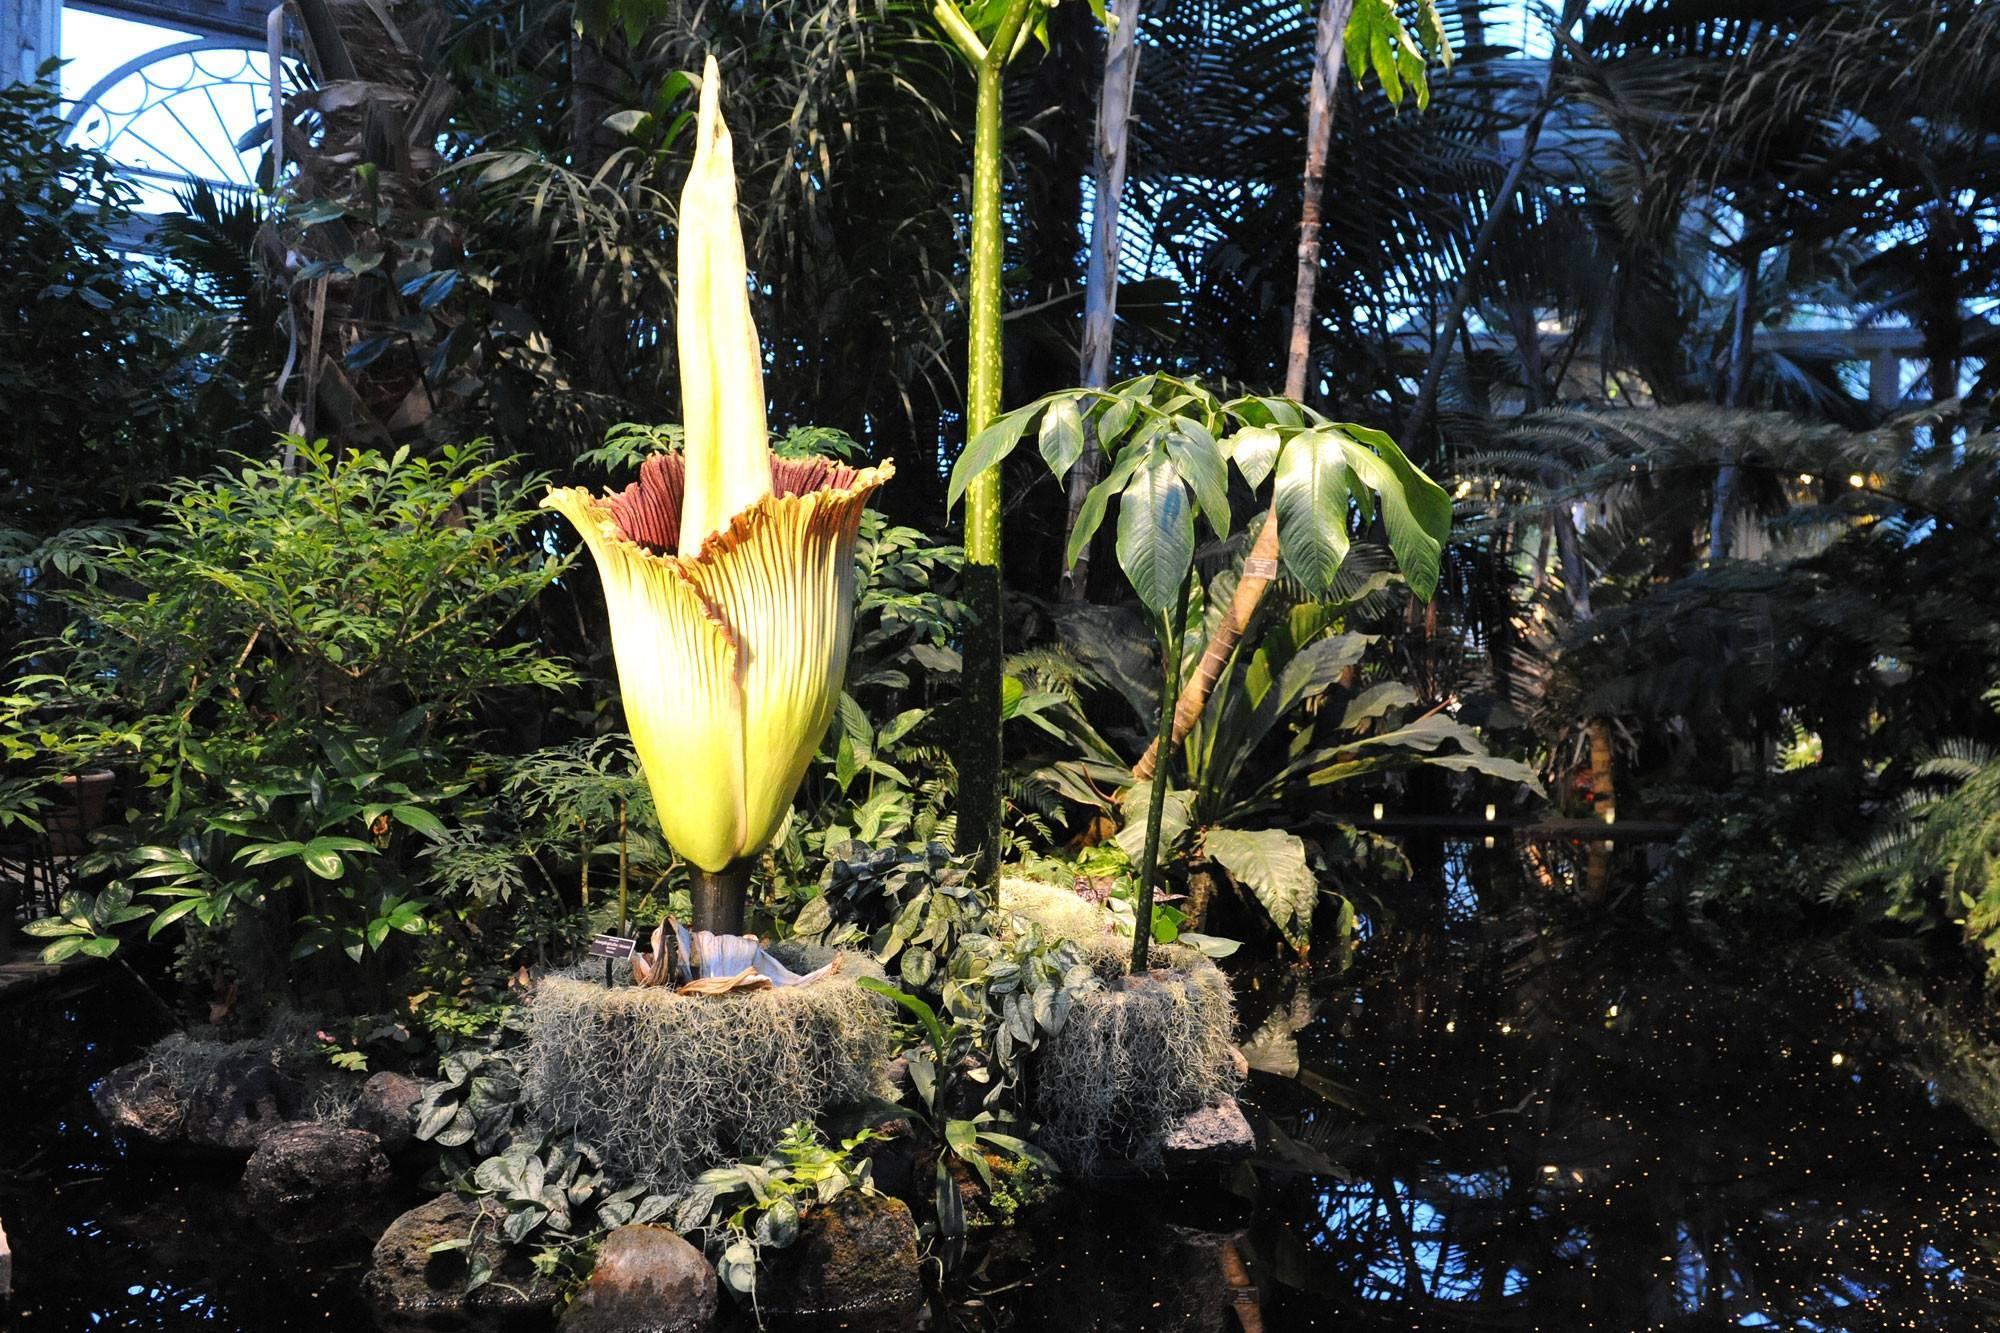 Выращивание цветка аморфофаллус комнатного: как посадить, ухаживать, удобрять, цветение